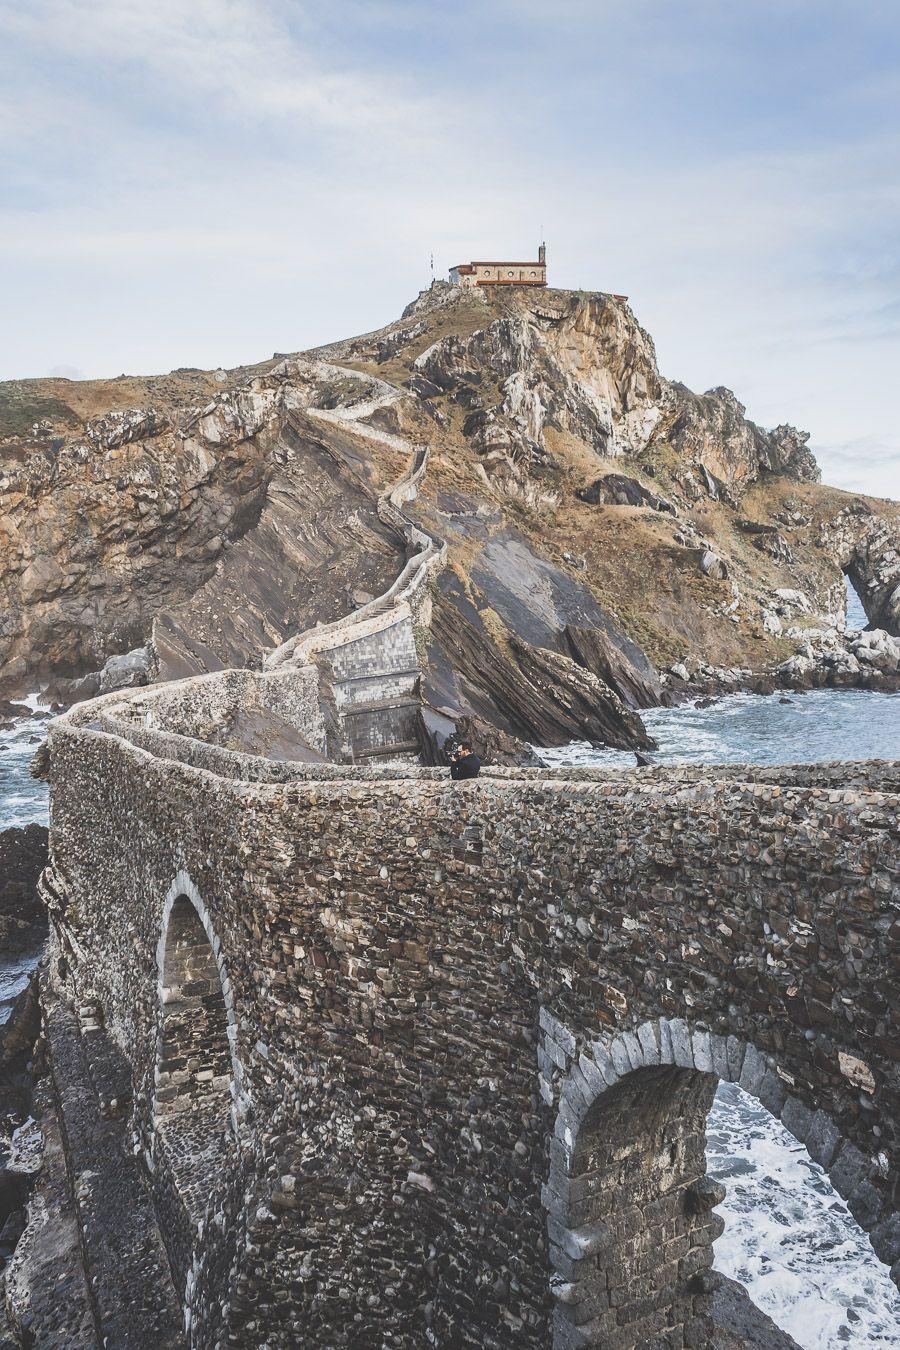 que voir au Pays basque espagnol ?